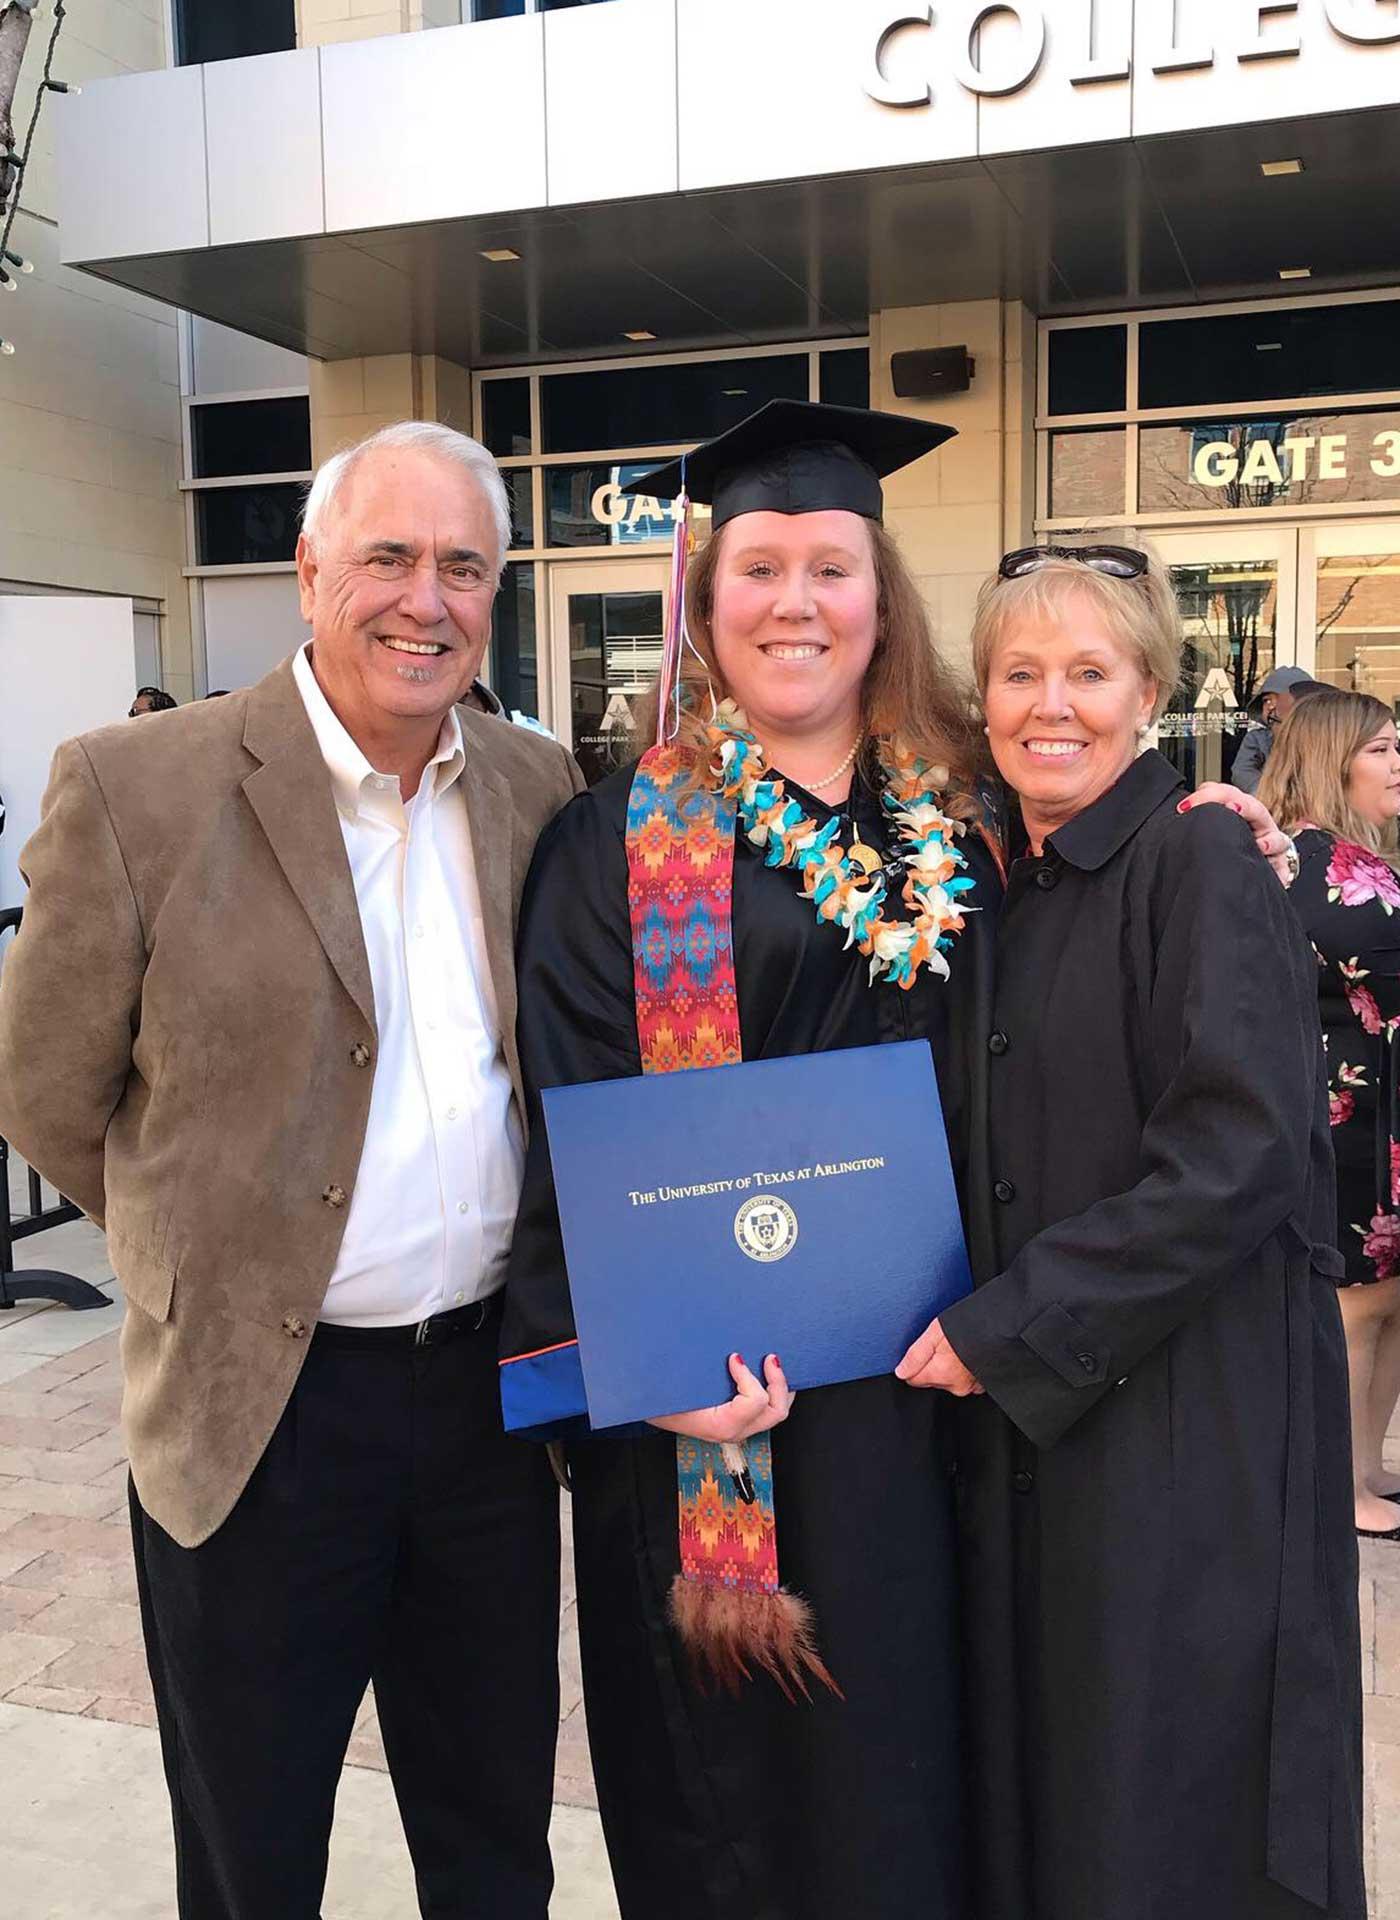 Ashley Nolan graduating